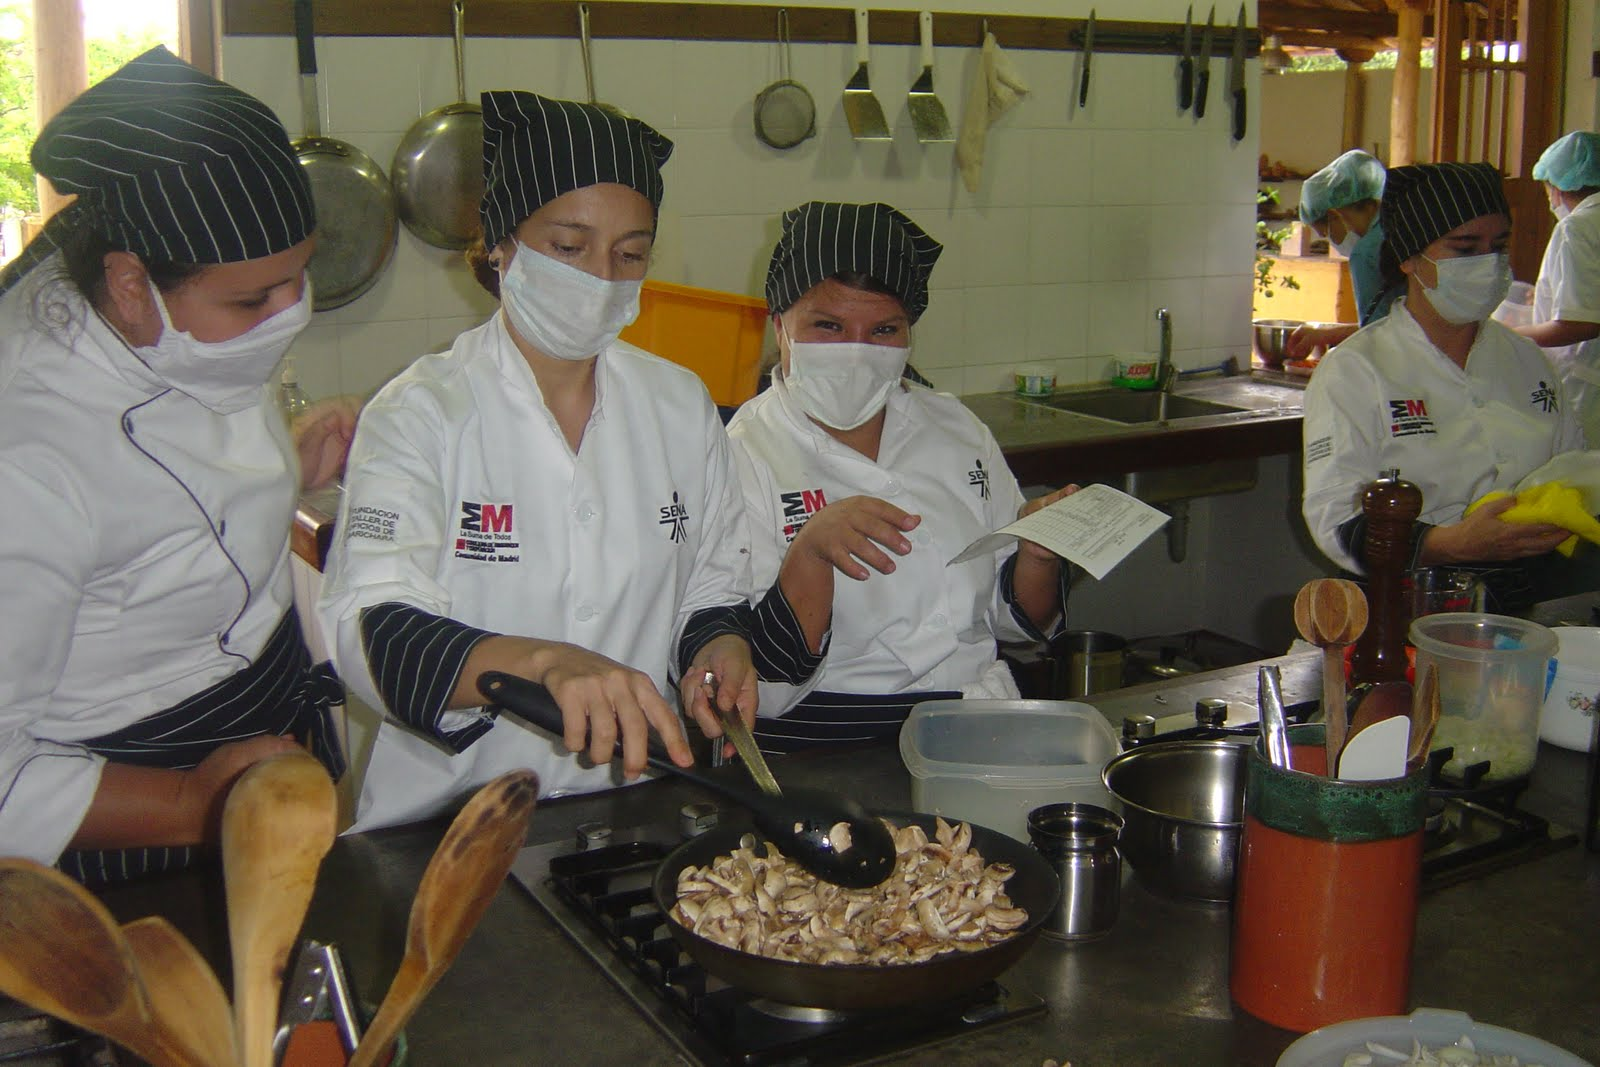 Tecnico en cocina 2010 entramos en la era de la cocina fria - Tecnico en cocina y gastronomia ...